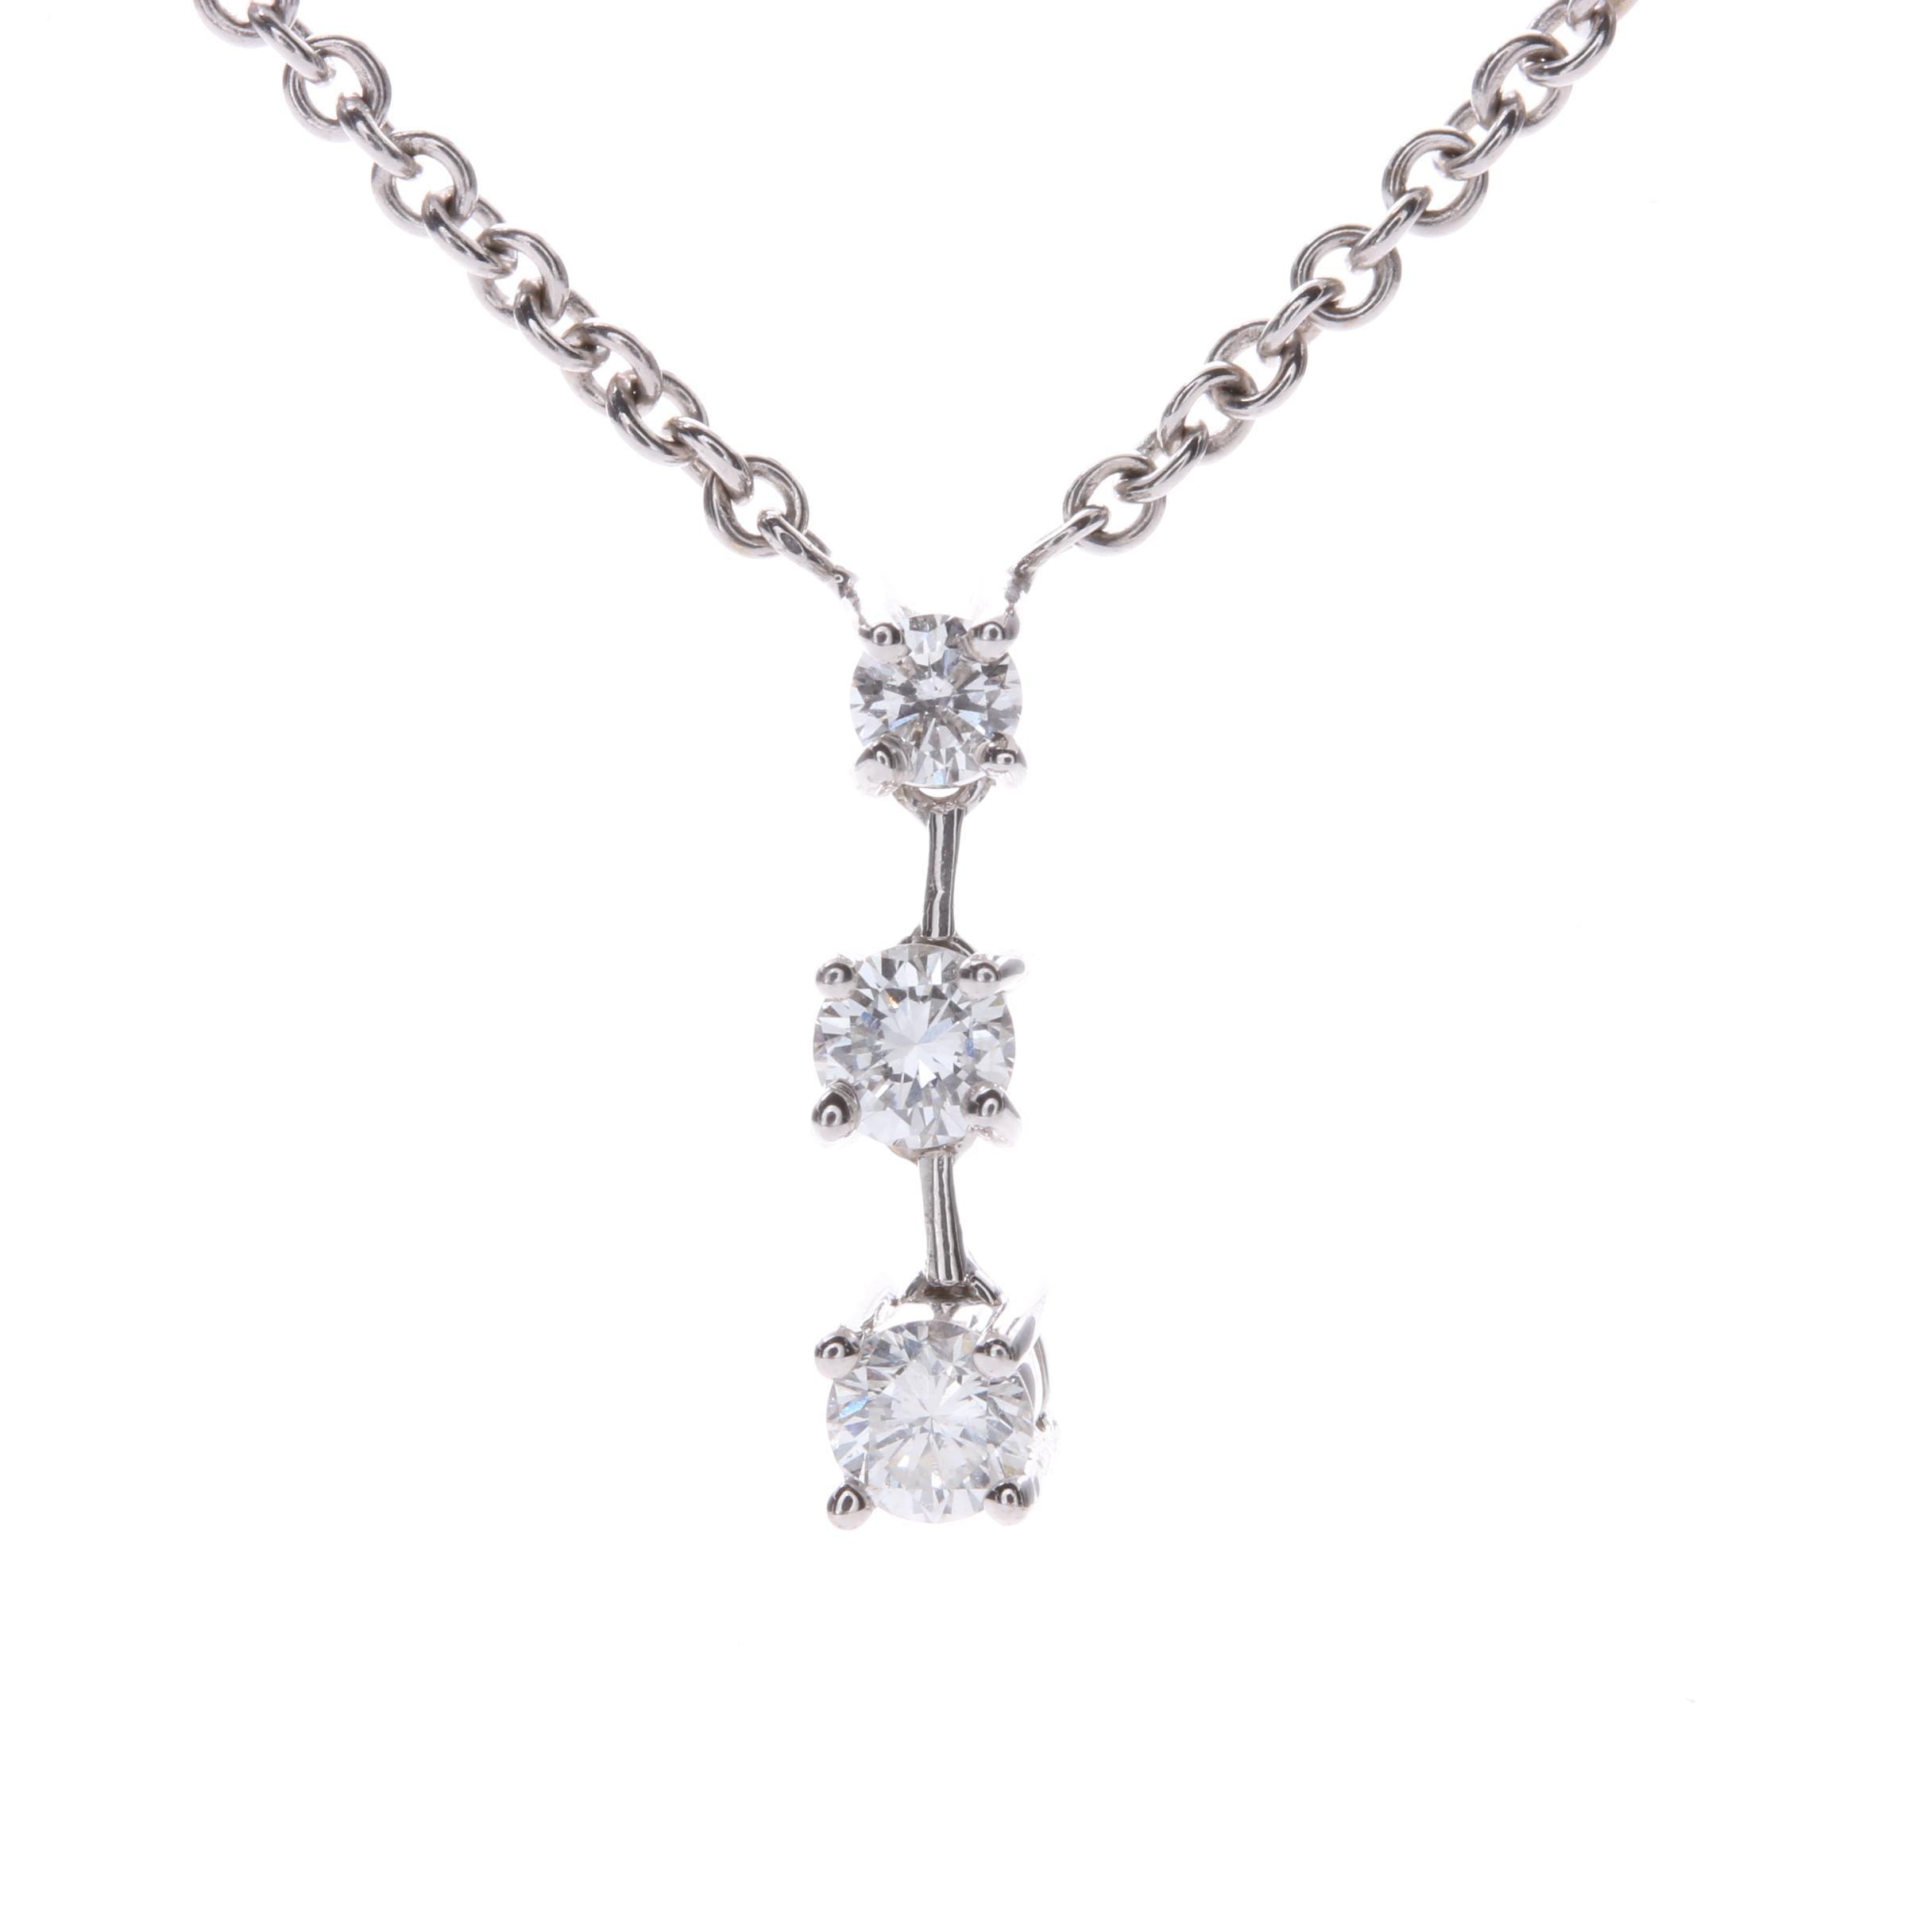 14K White Gold Triple Diamond Drop Necklace